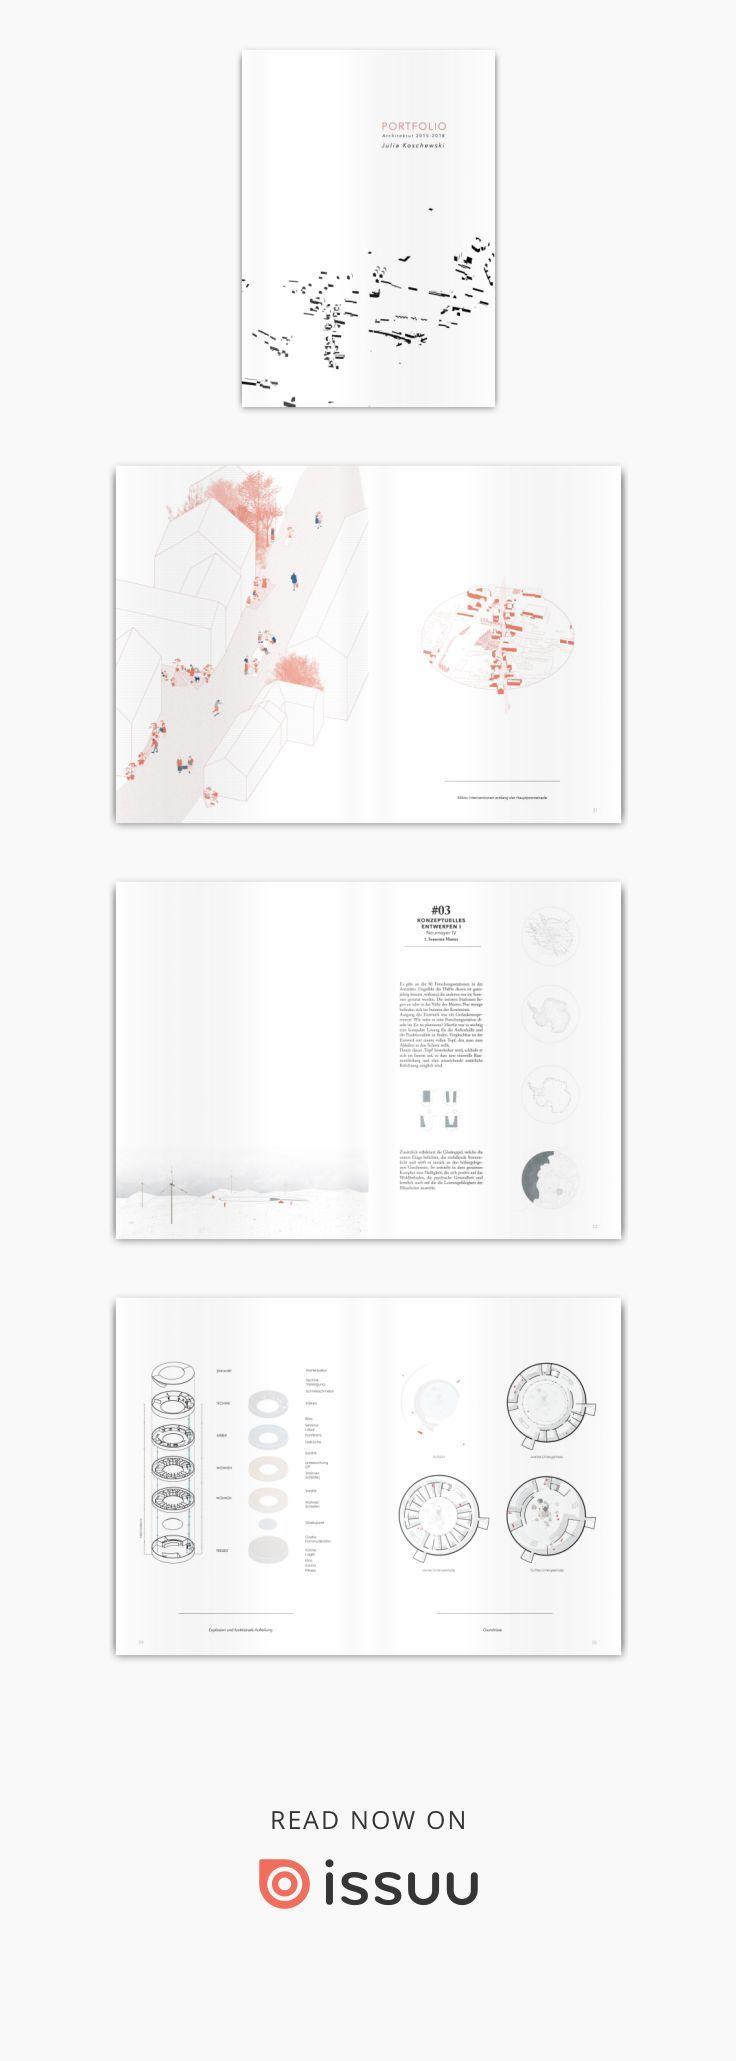 architecture portfolio 2019 by julia koschewski #architecture